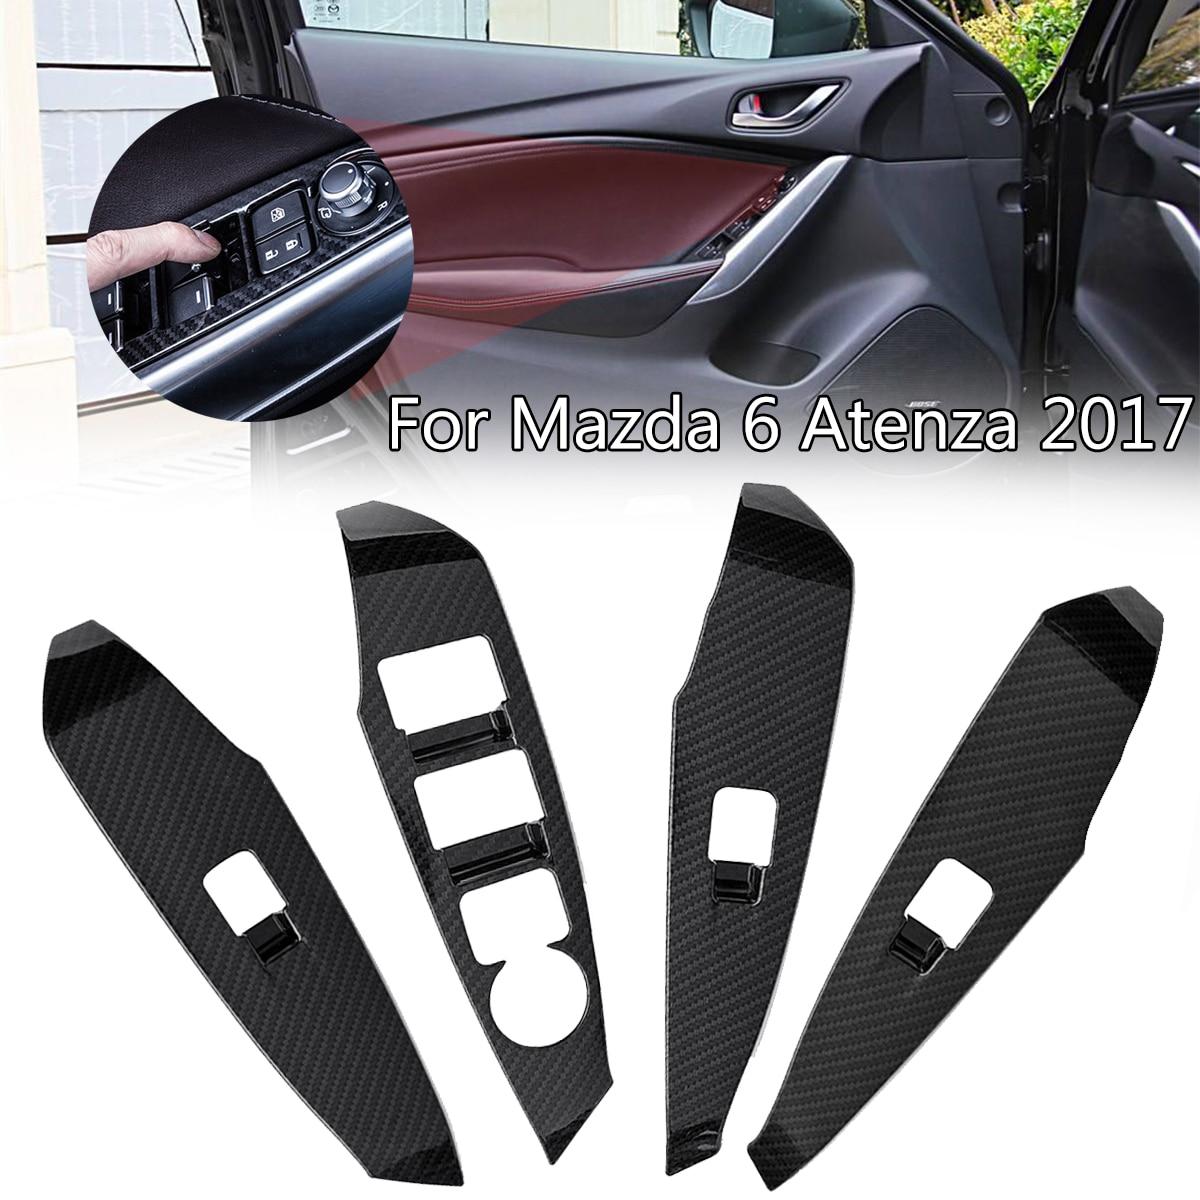 4 шт. наклейки на автомобиль для Mazda 6 Atenza 2017 окна лифт переключатель дверные ручки держатель панель отделкой защитный Чехлы мангала